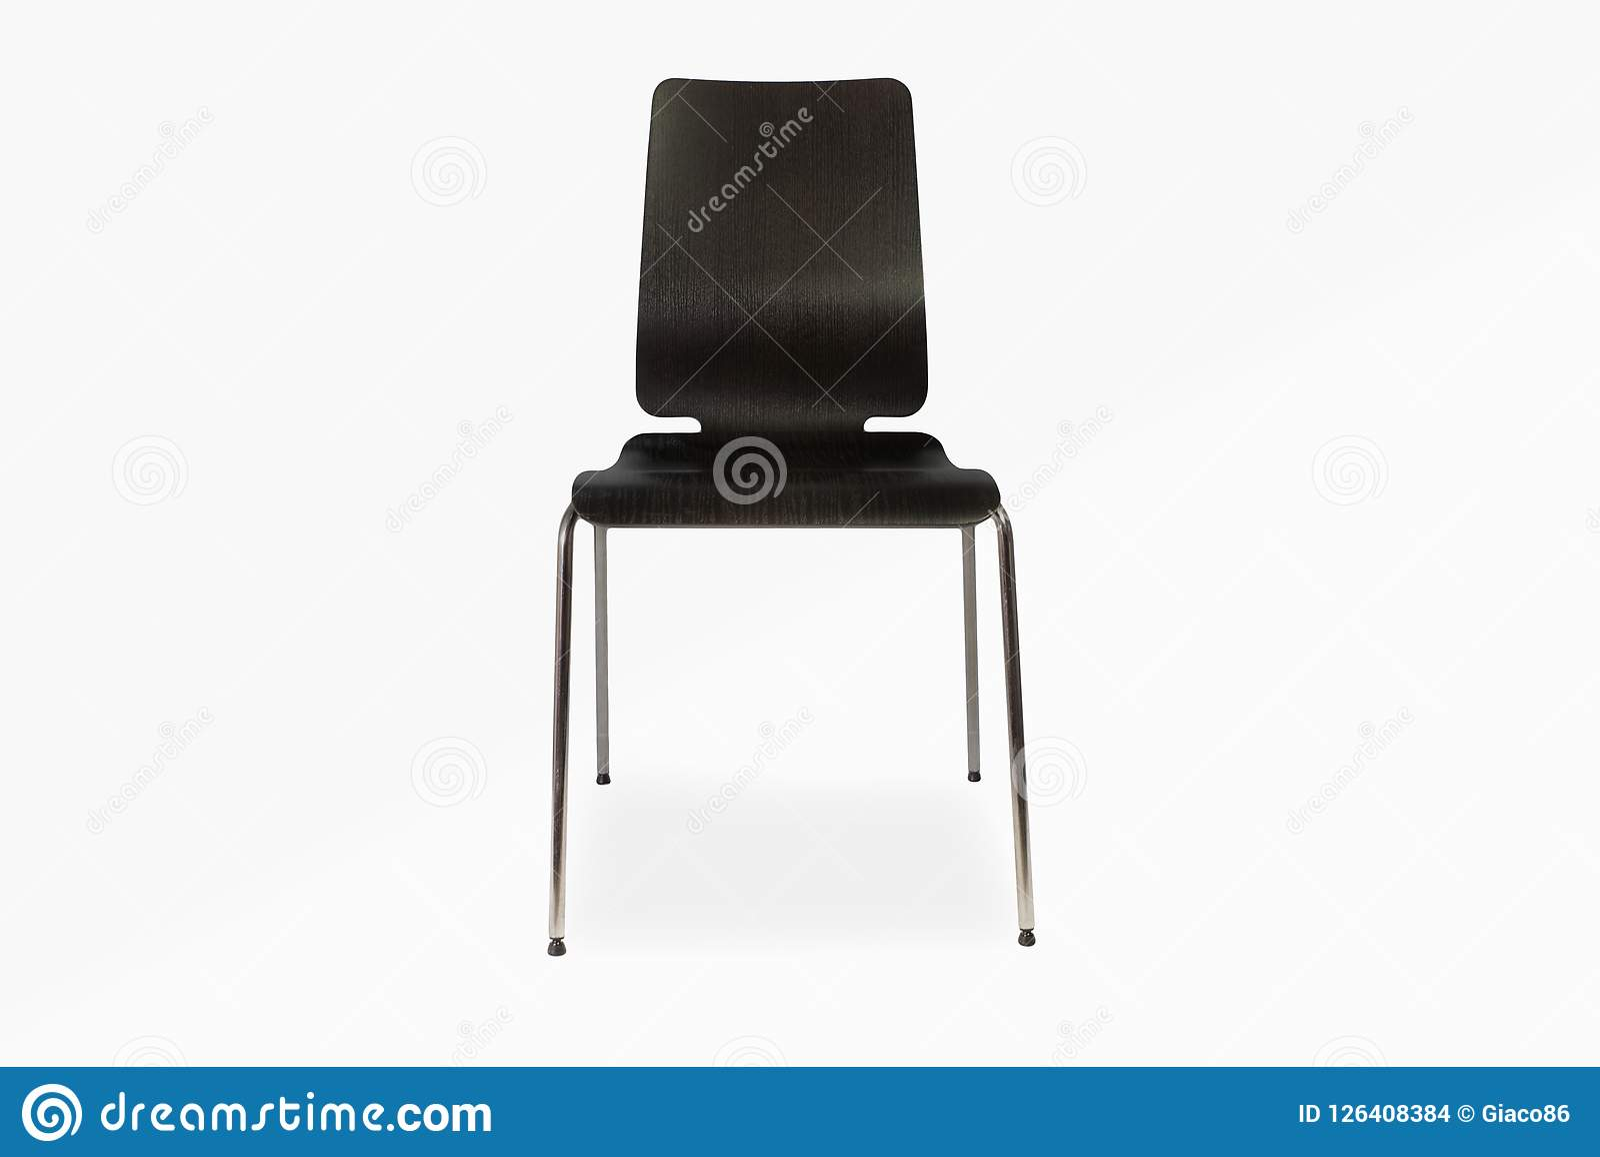 Μαύρη καρέκλα στο άσπρο υπόβαθρο - σχέδιο